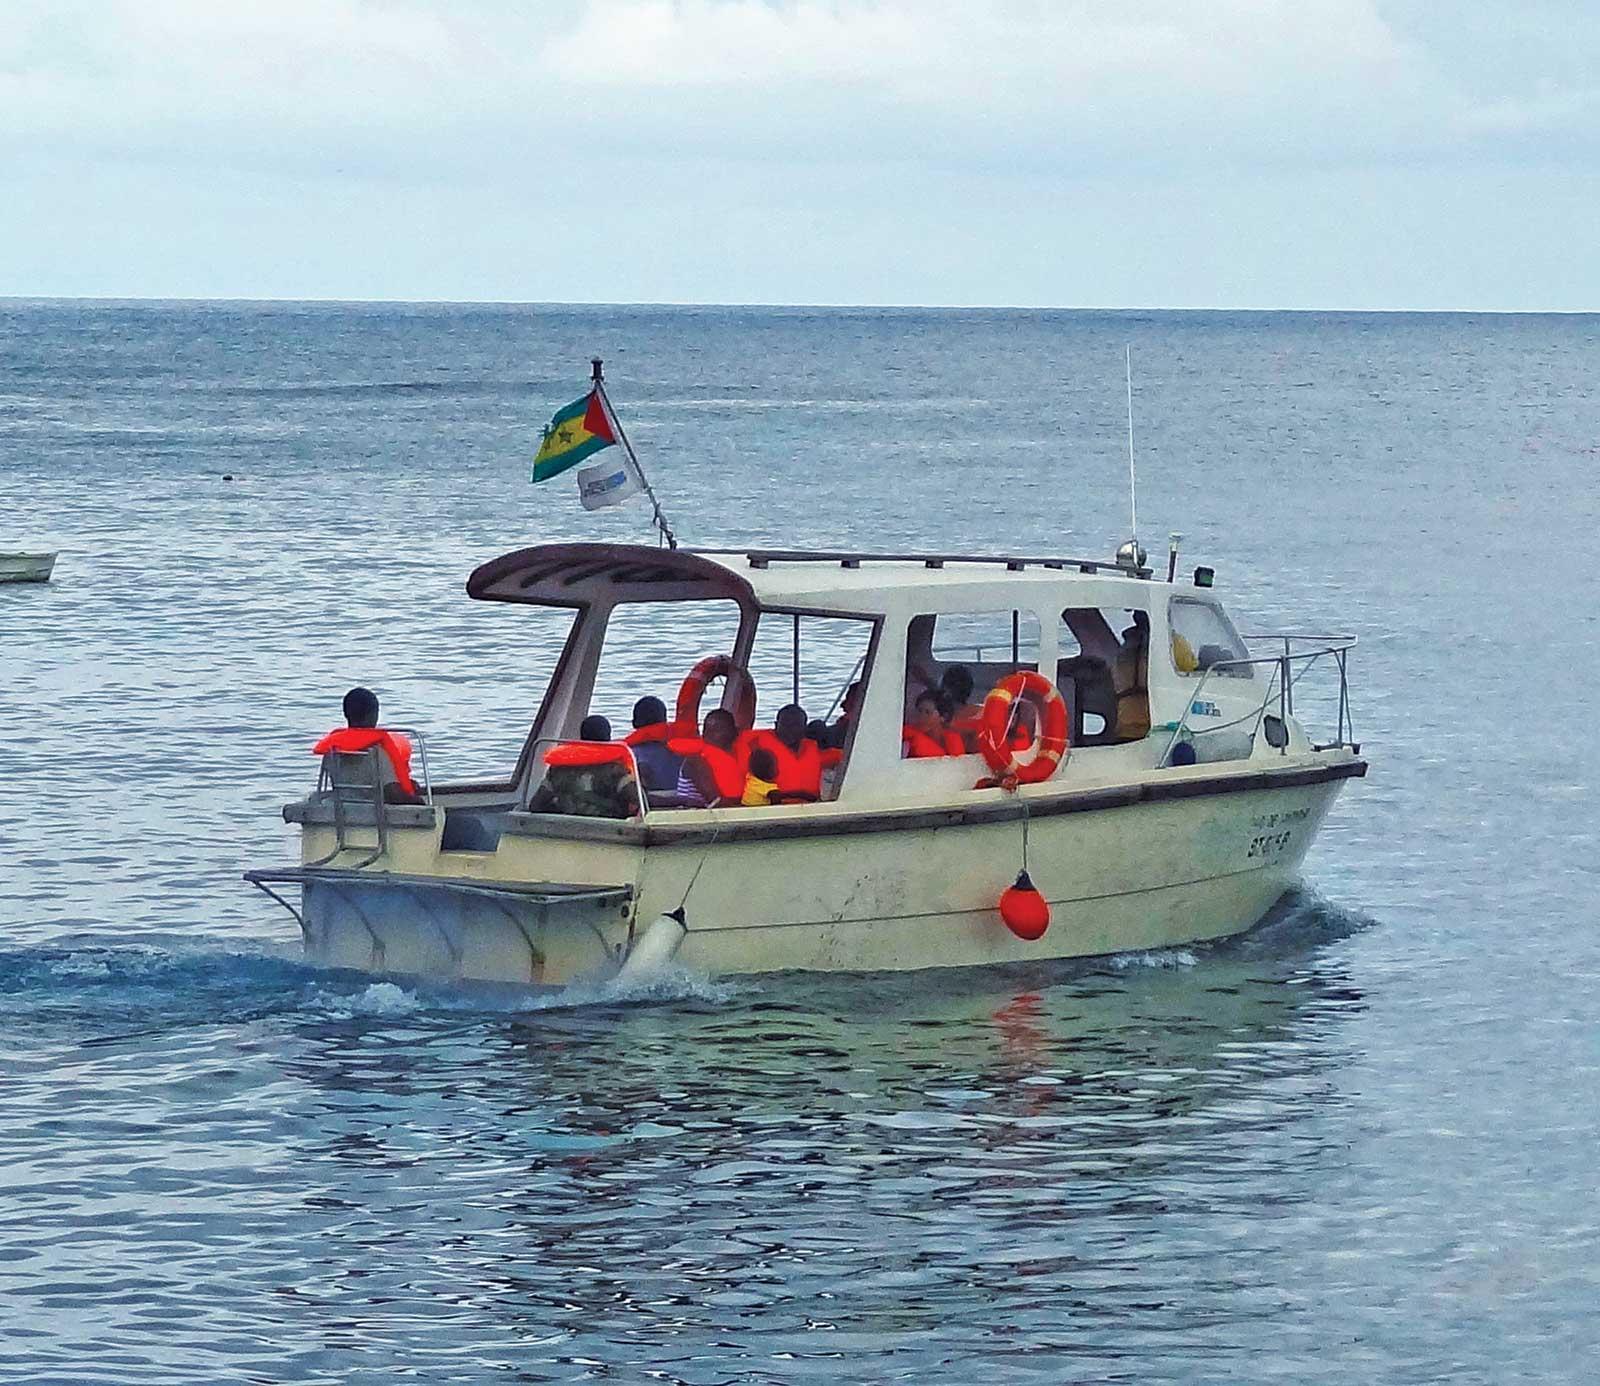 Découvrir l'îlot de Rolas en bateau par les baies et plages et snorkeling pour apprécier les milliers de poissons multicolores se confondant avec les bancs de coraux